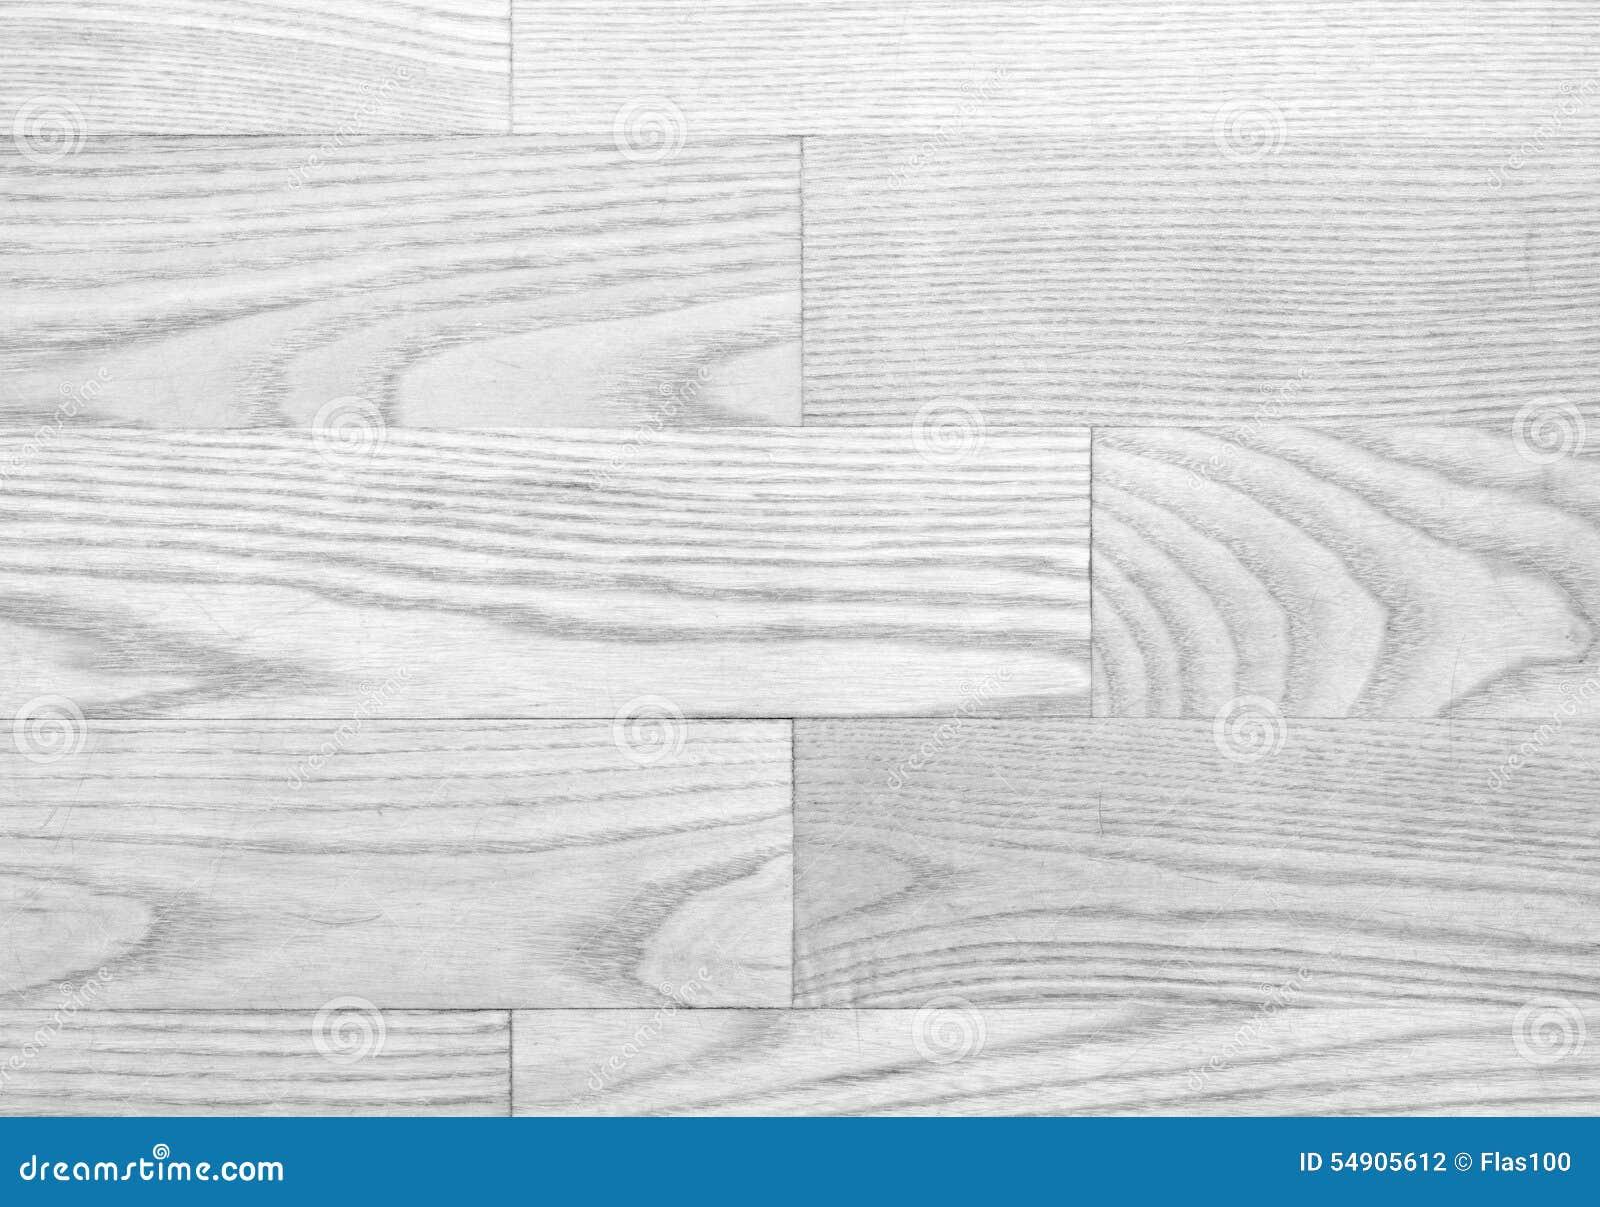 Piso parqueted gris textura de madera con foto de archivo for Pisos de madera color gris